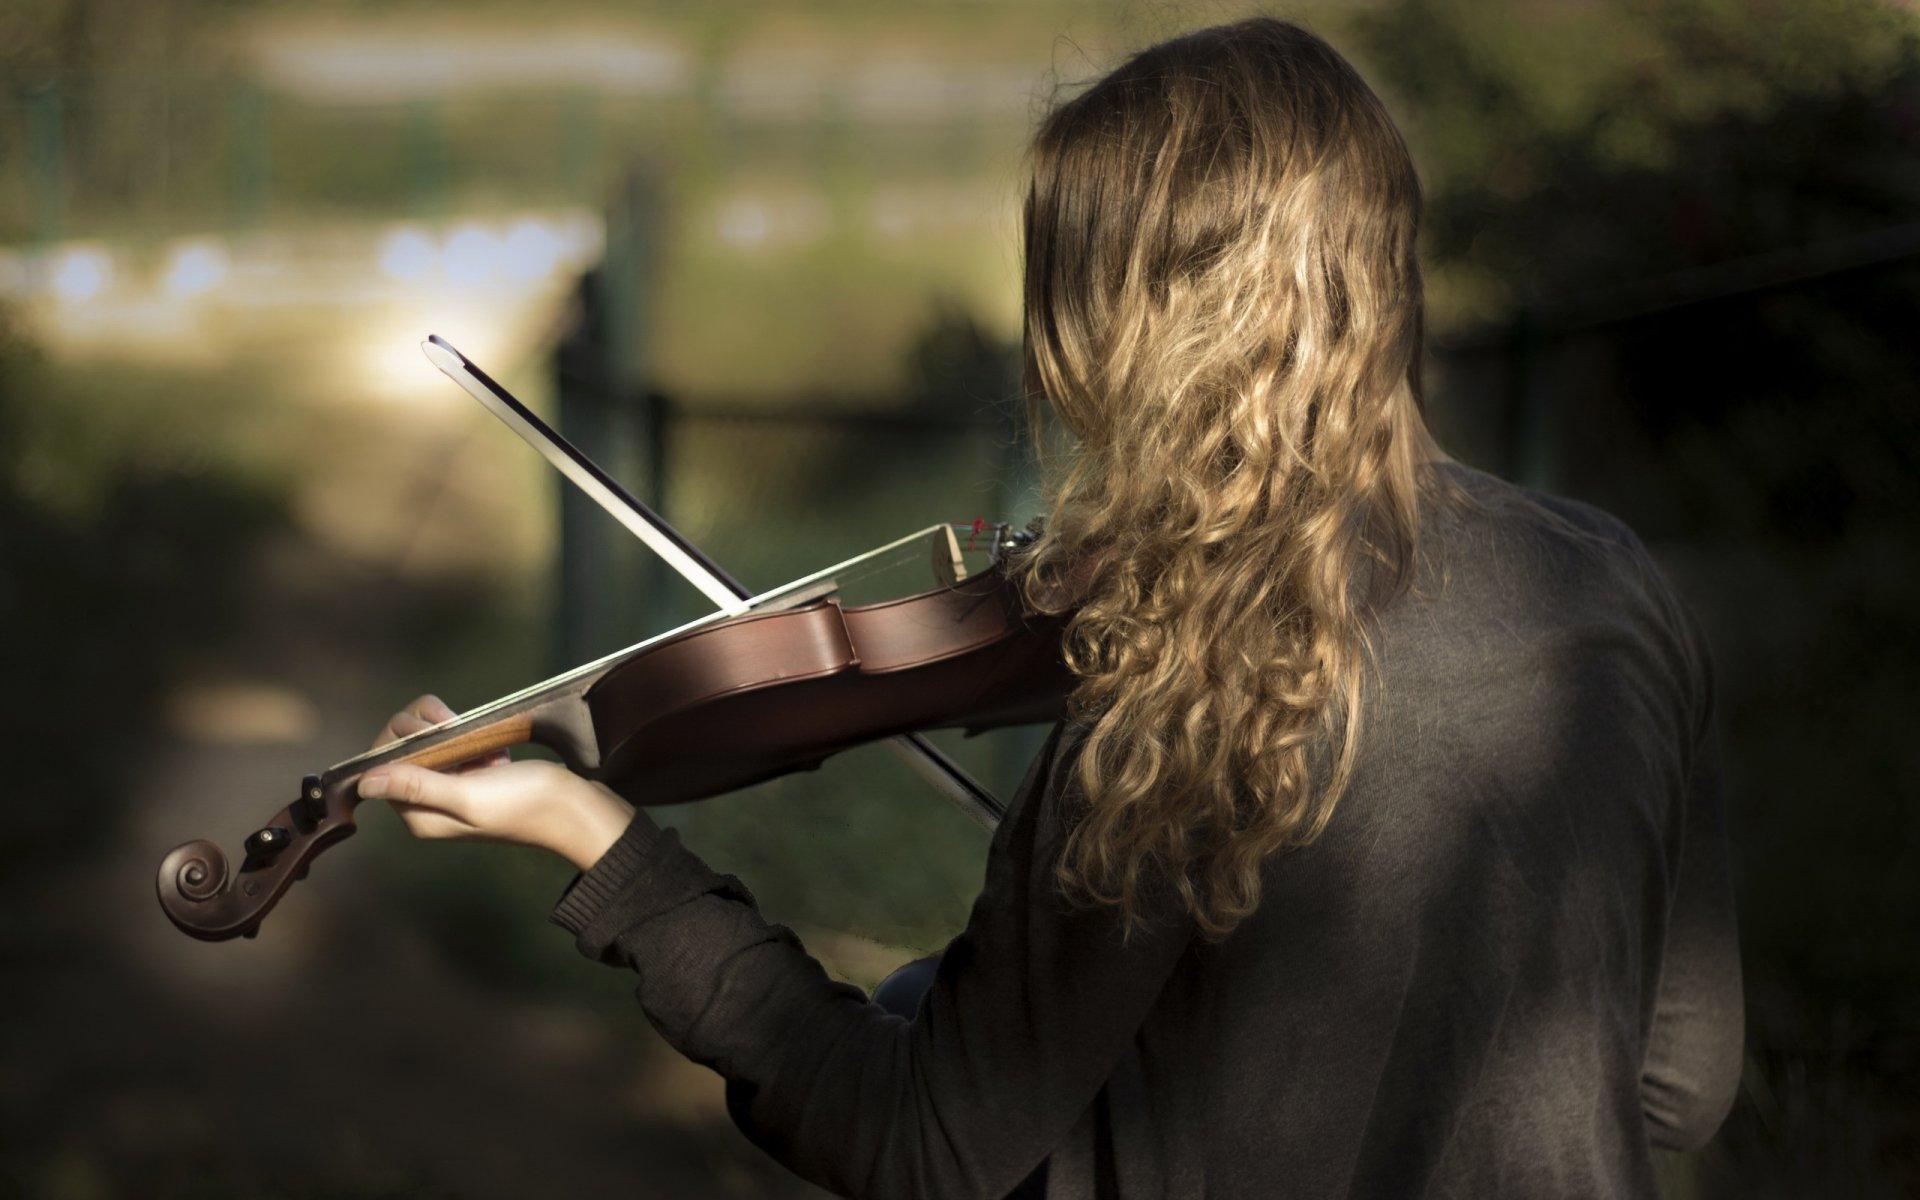 девушка поет проигрыш на скрипке